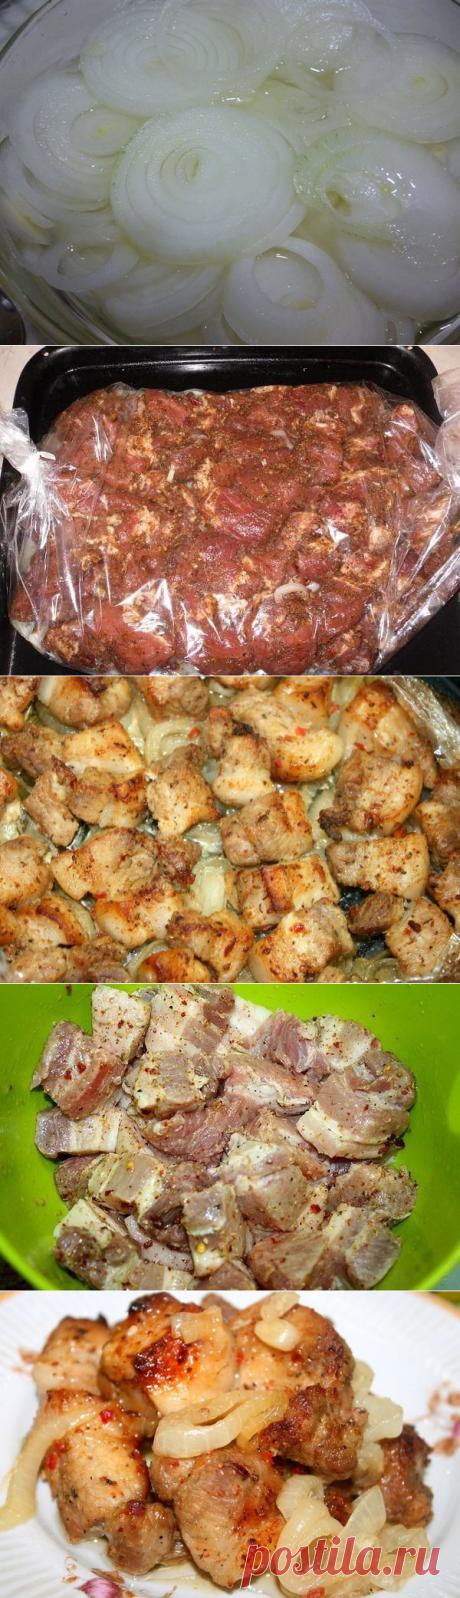 Ароматное мясо запеченное на луковой подушке, вкусное как шашлык. | Вкусно-быстро | Яндекс Дзен